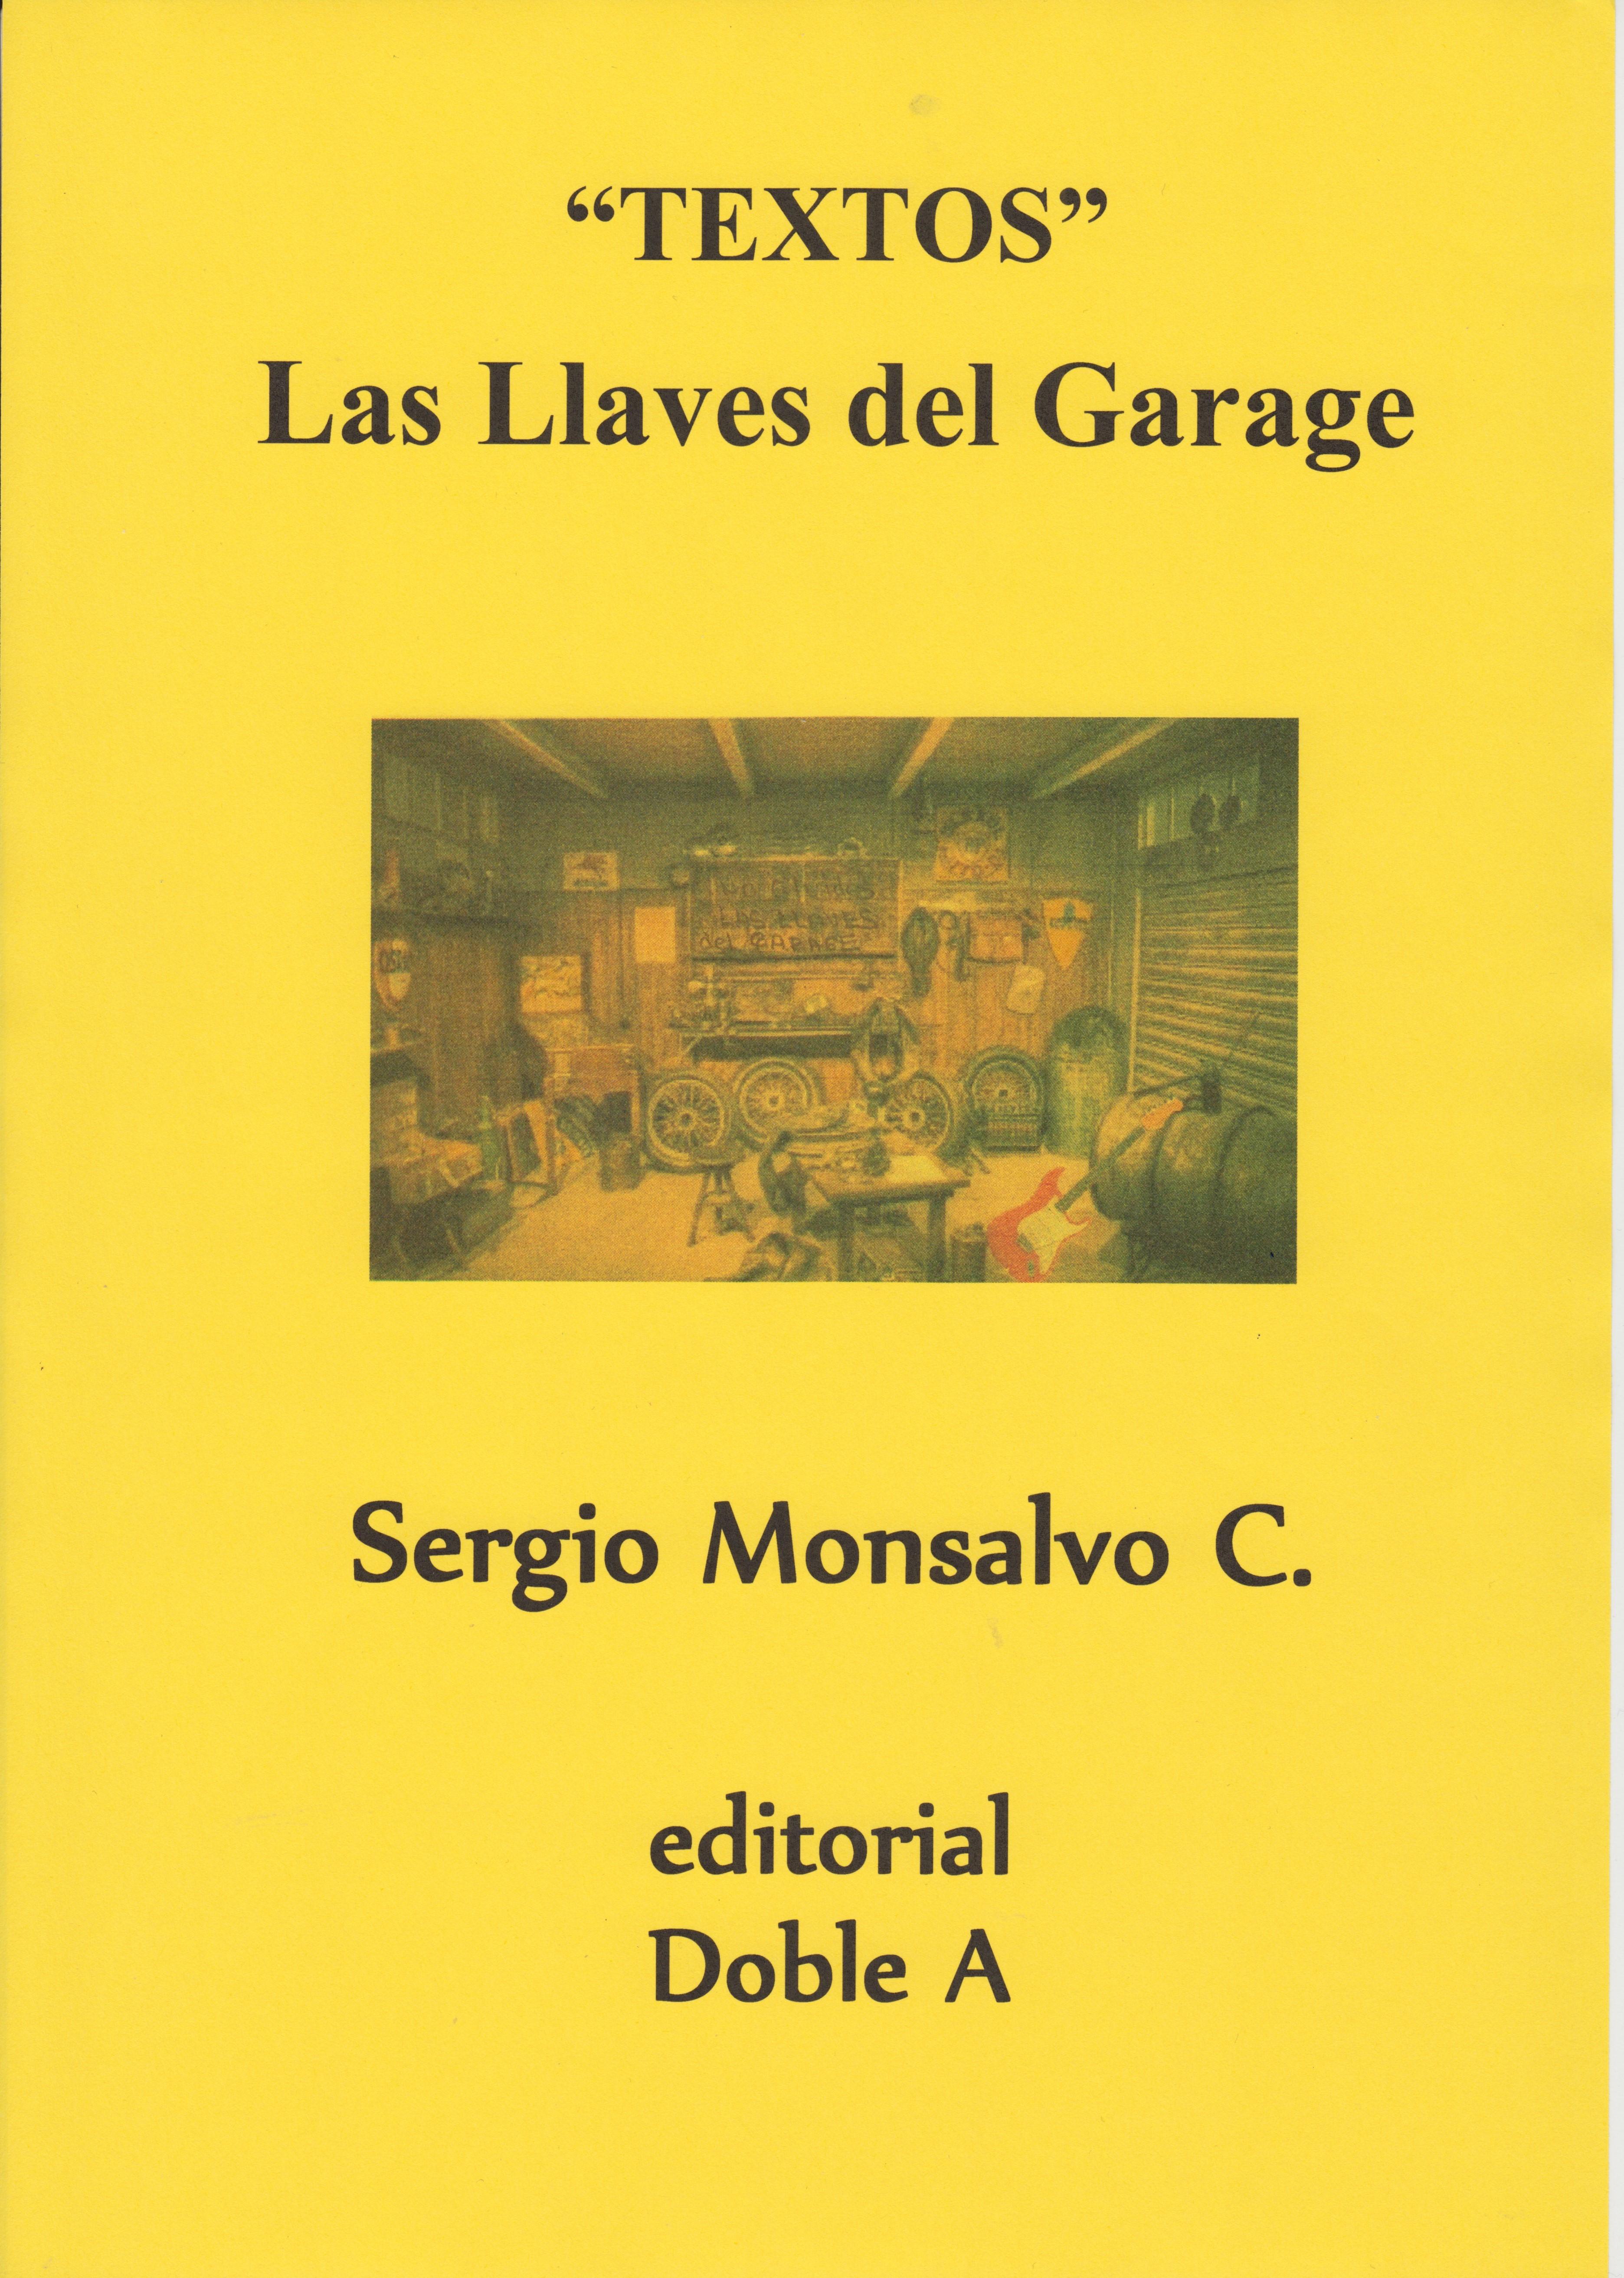 LAS LLAVES DEL GARAGE (PORTADA)